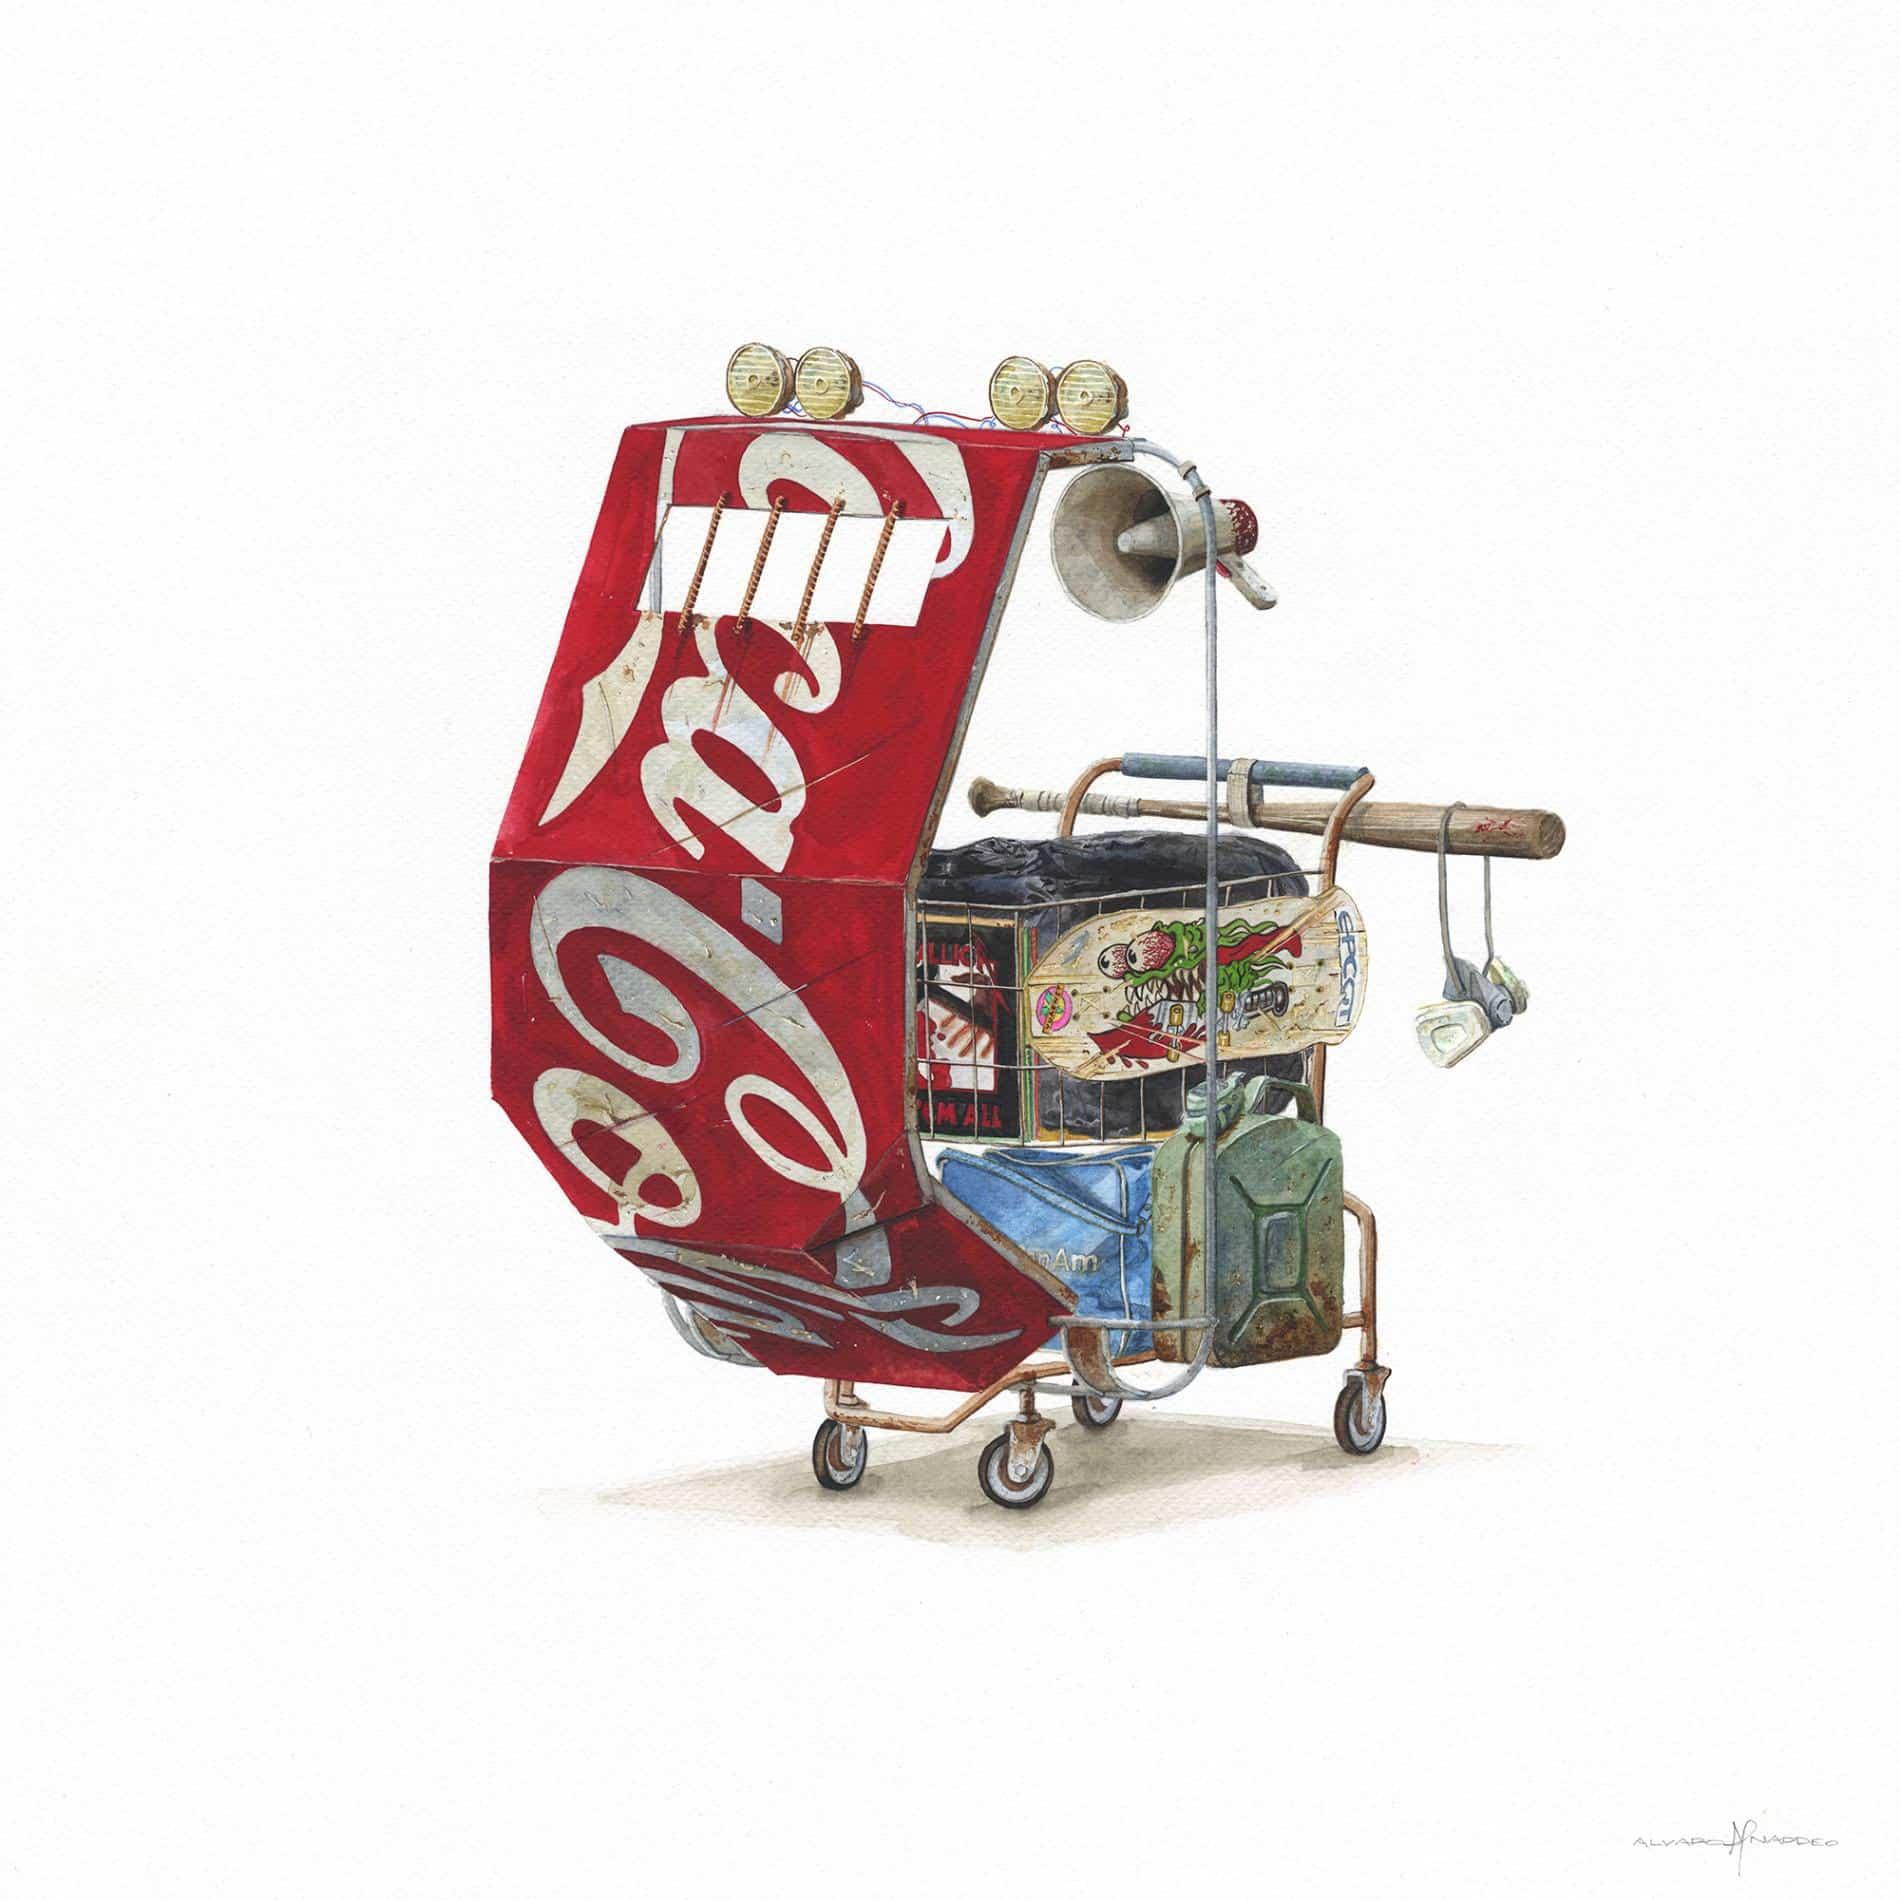 naddeo desechos coca cola